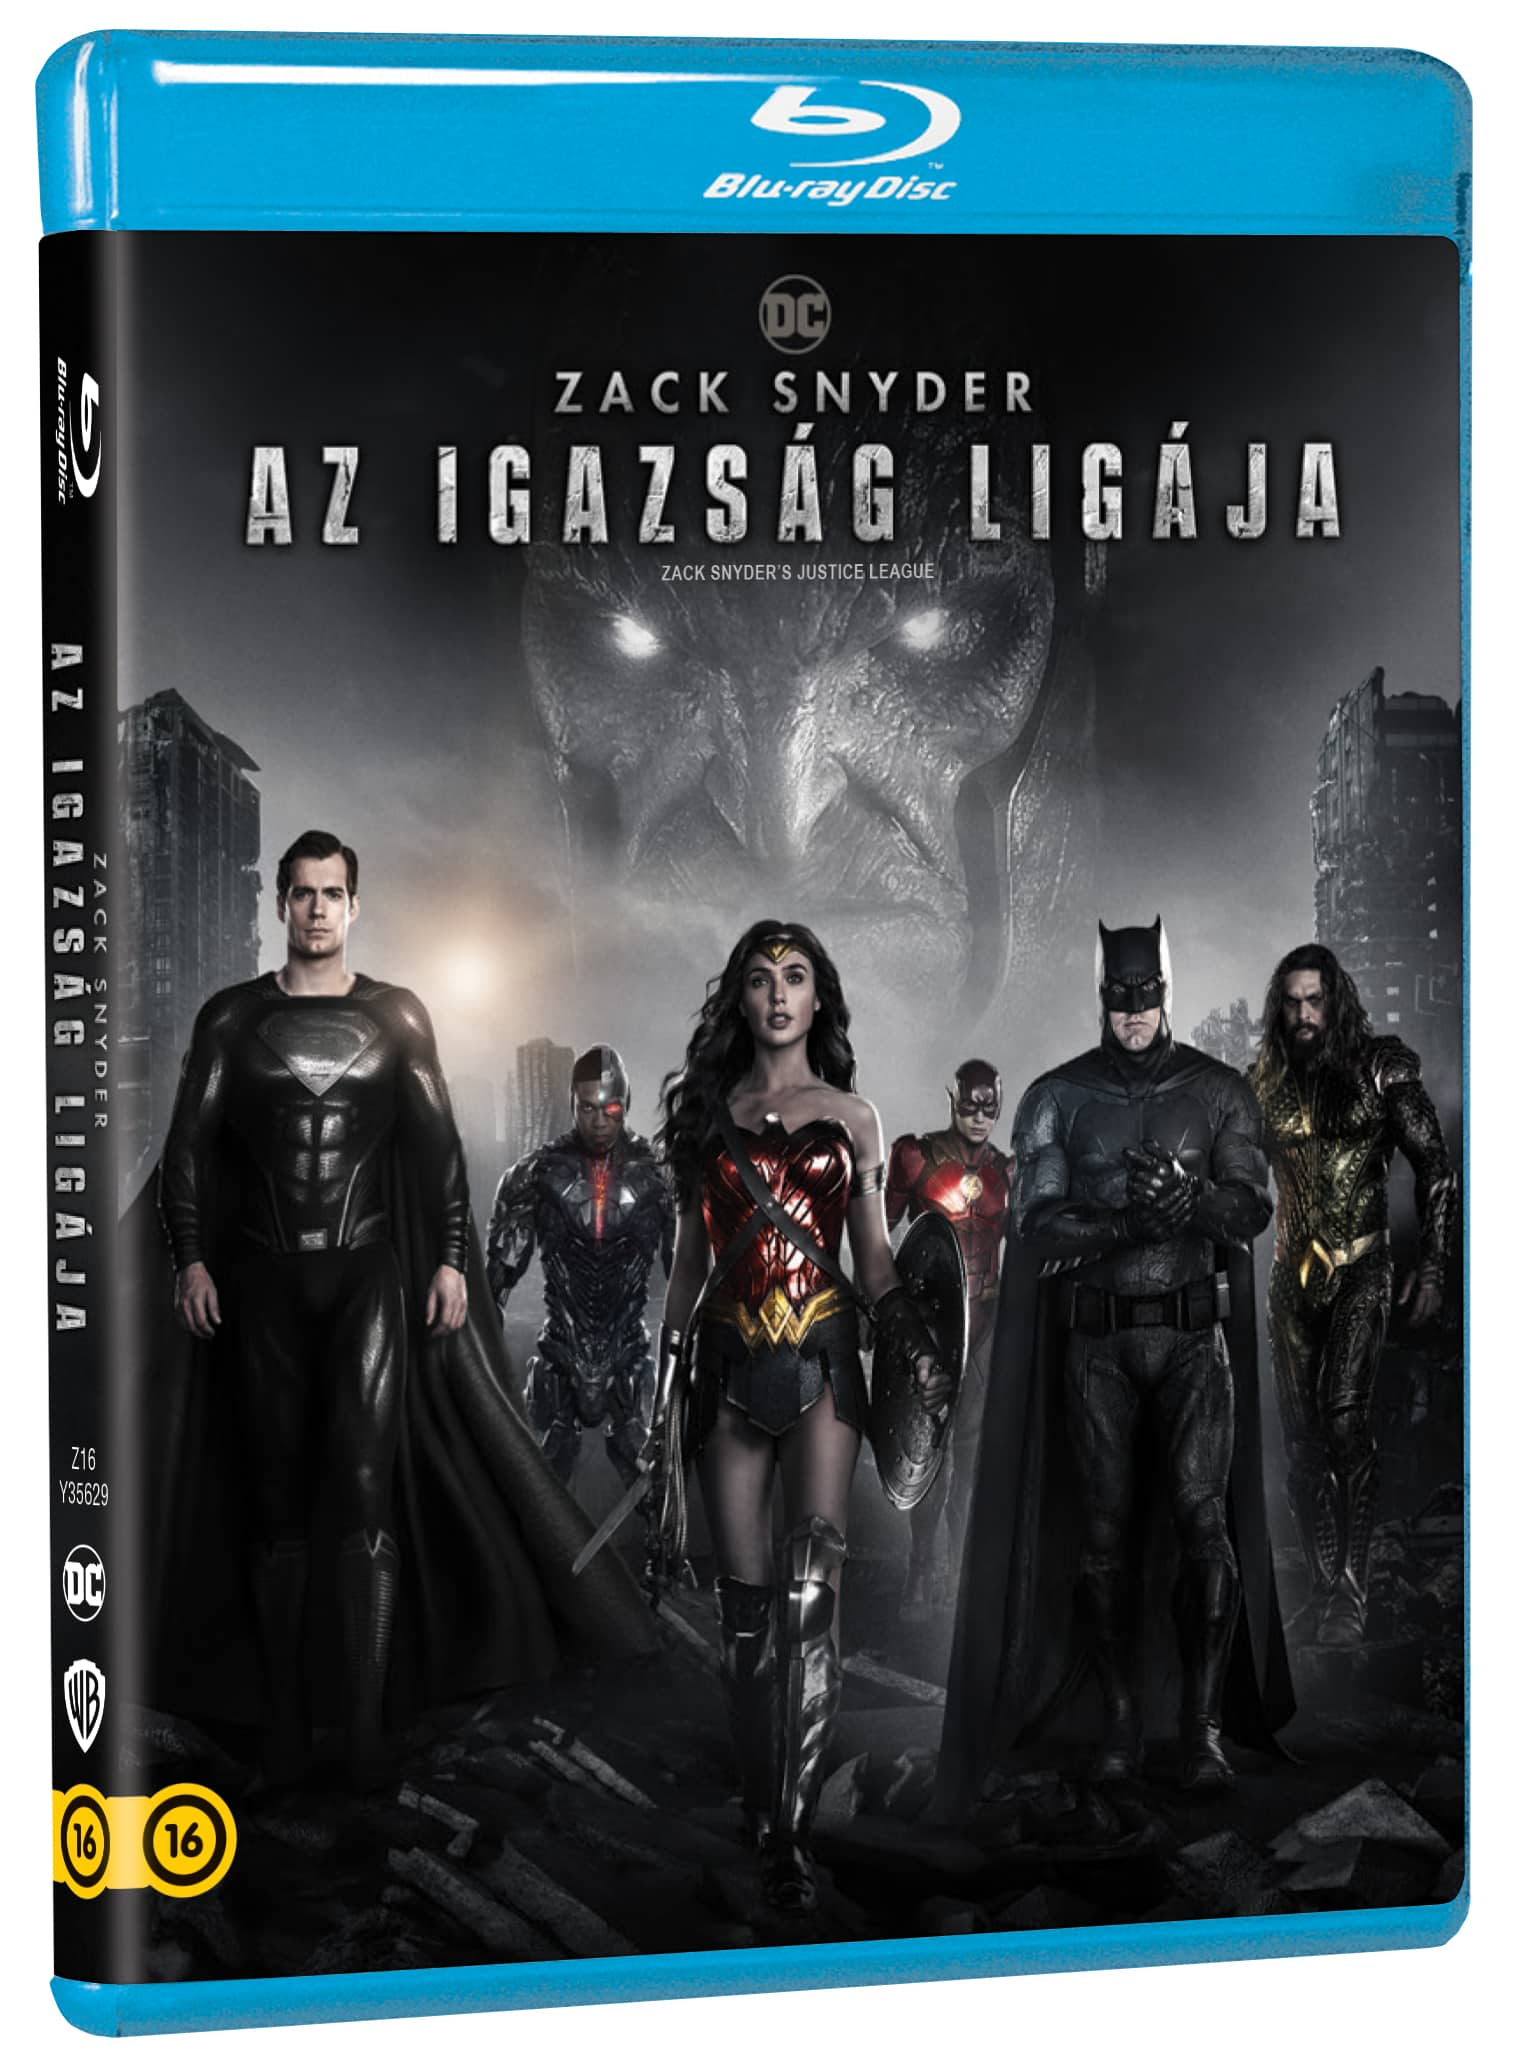 Zack Snyder: Az Igazság Ligája (2021) (2 BD) - Blu-ray